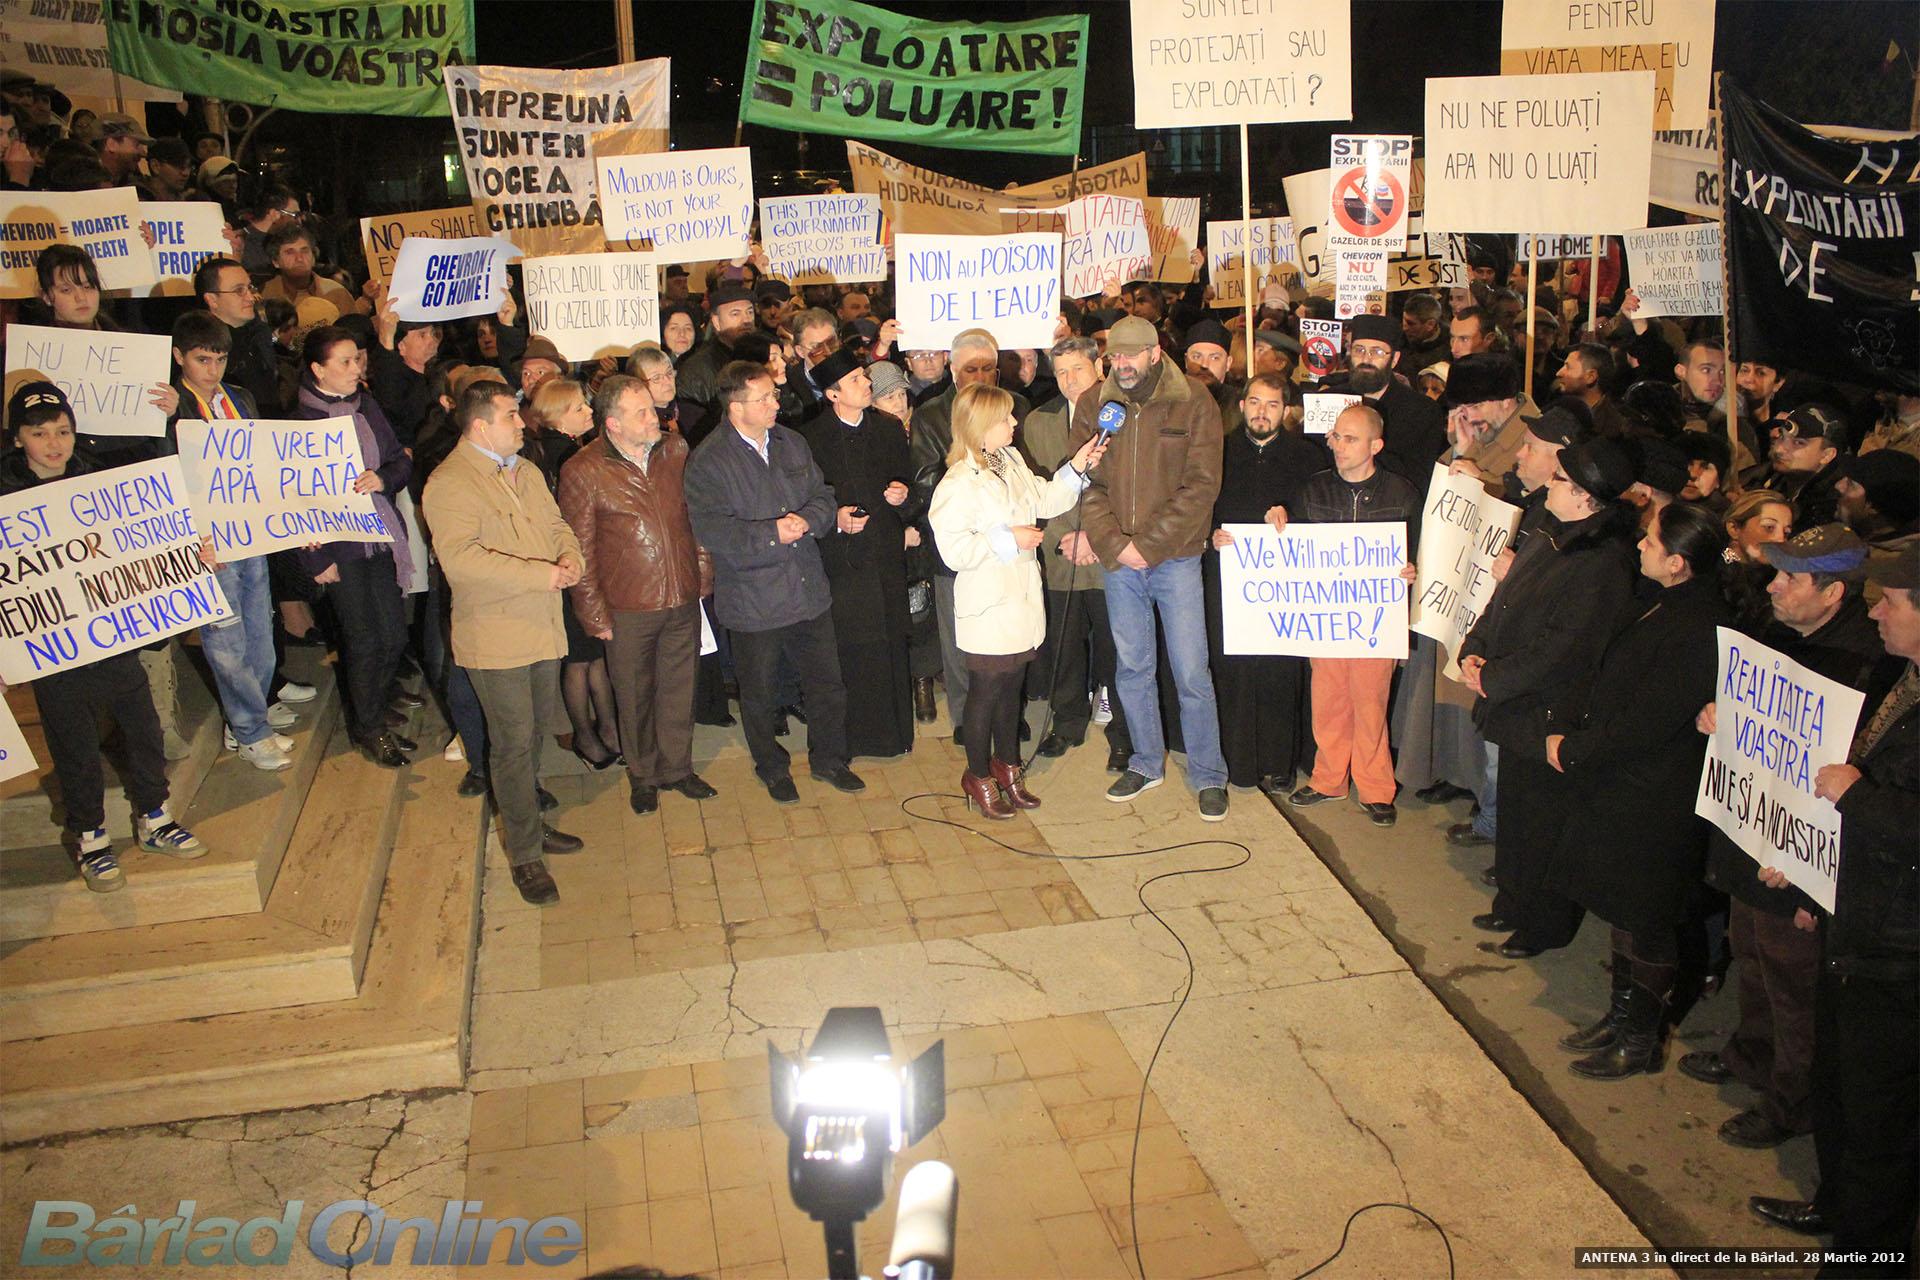 Bârlad Online Photo Gallery - Antena 3 - LIVE din Bârlad  28 Martie